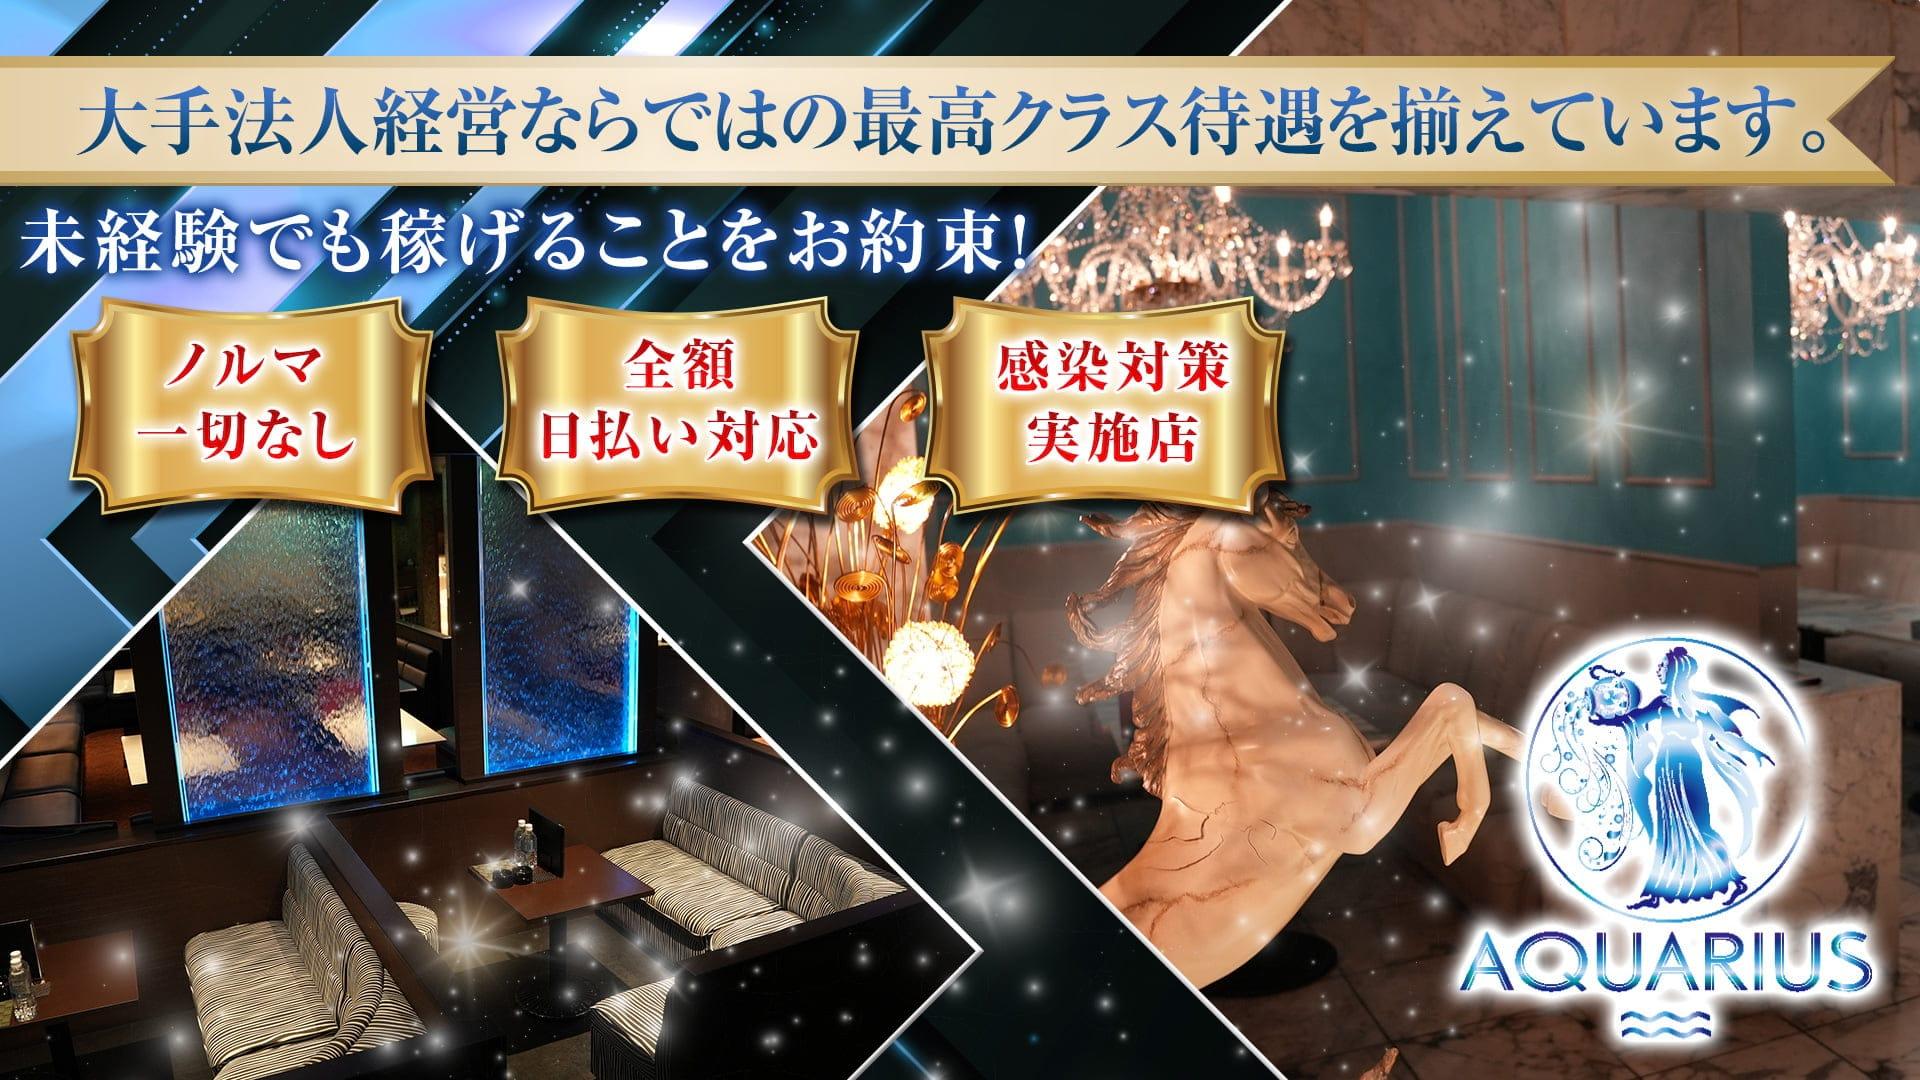 AQUARIUS(アクエリアス)【公式求人・体入情報】 甲府キャバクラ TOP画像